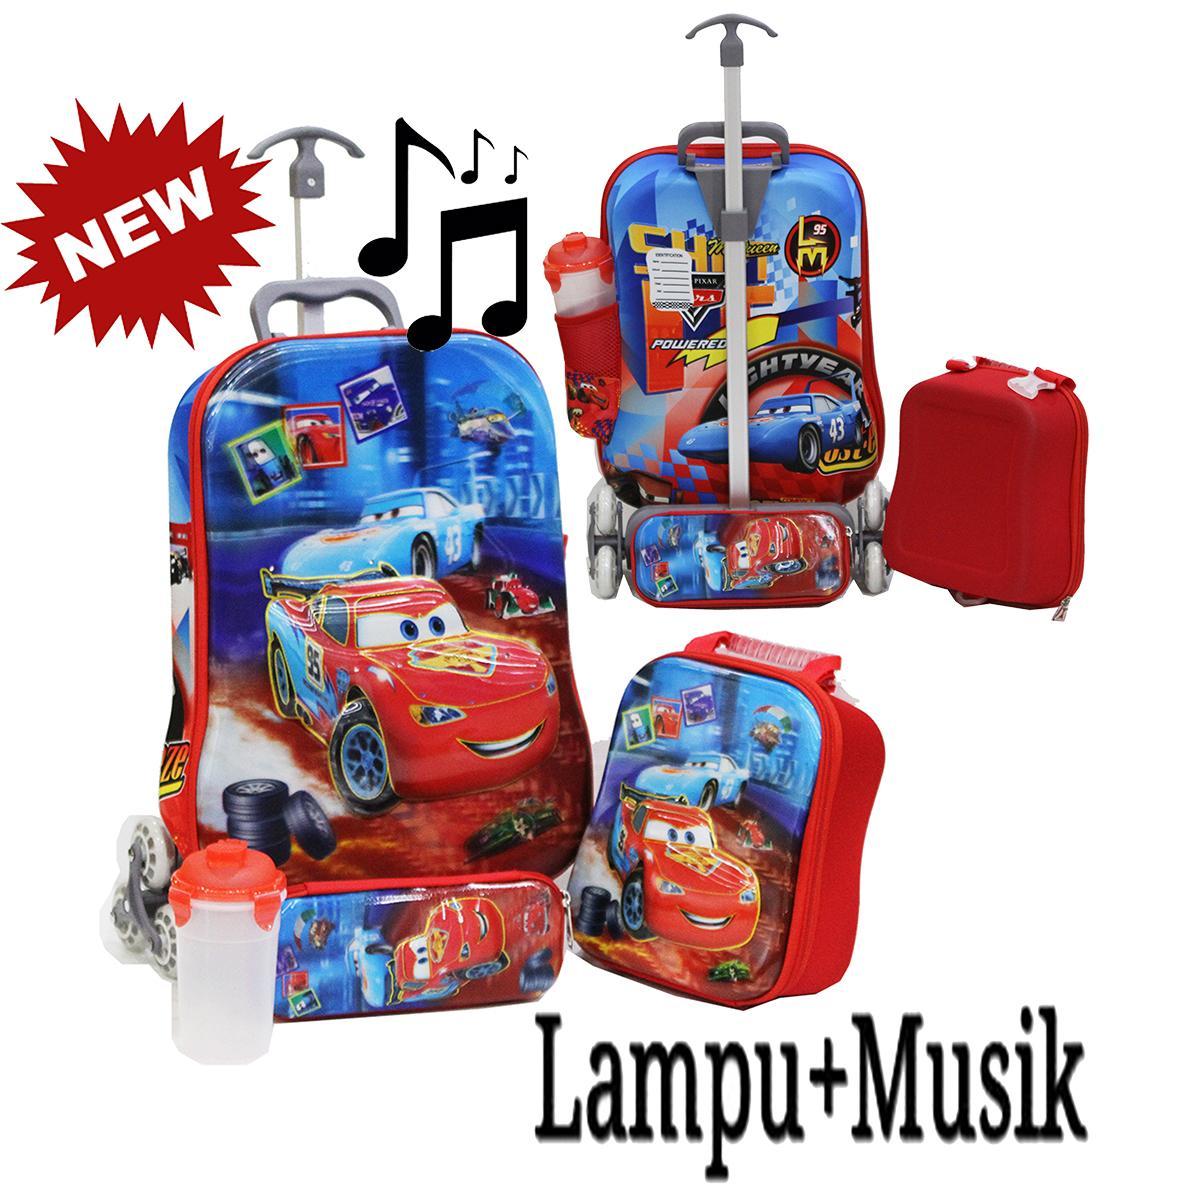 Onlan KOPER SET 6 Roda Tas 4in1 Anak Sekolah SD Motif Karakter CARS MCQUEEN 5D Hologram ada LAMPU DAN MUSIC Import ( KODE MM )